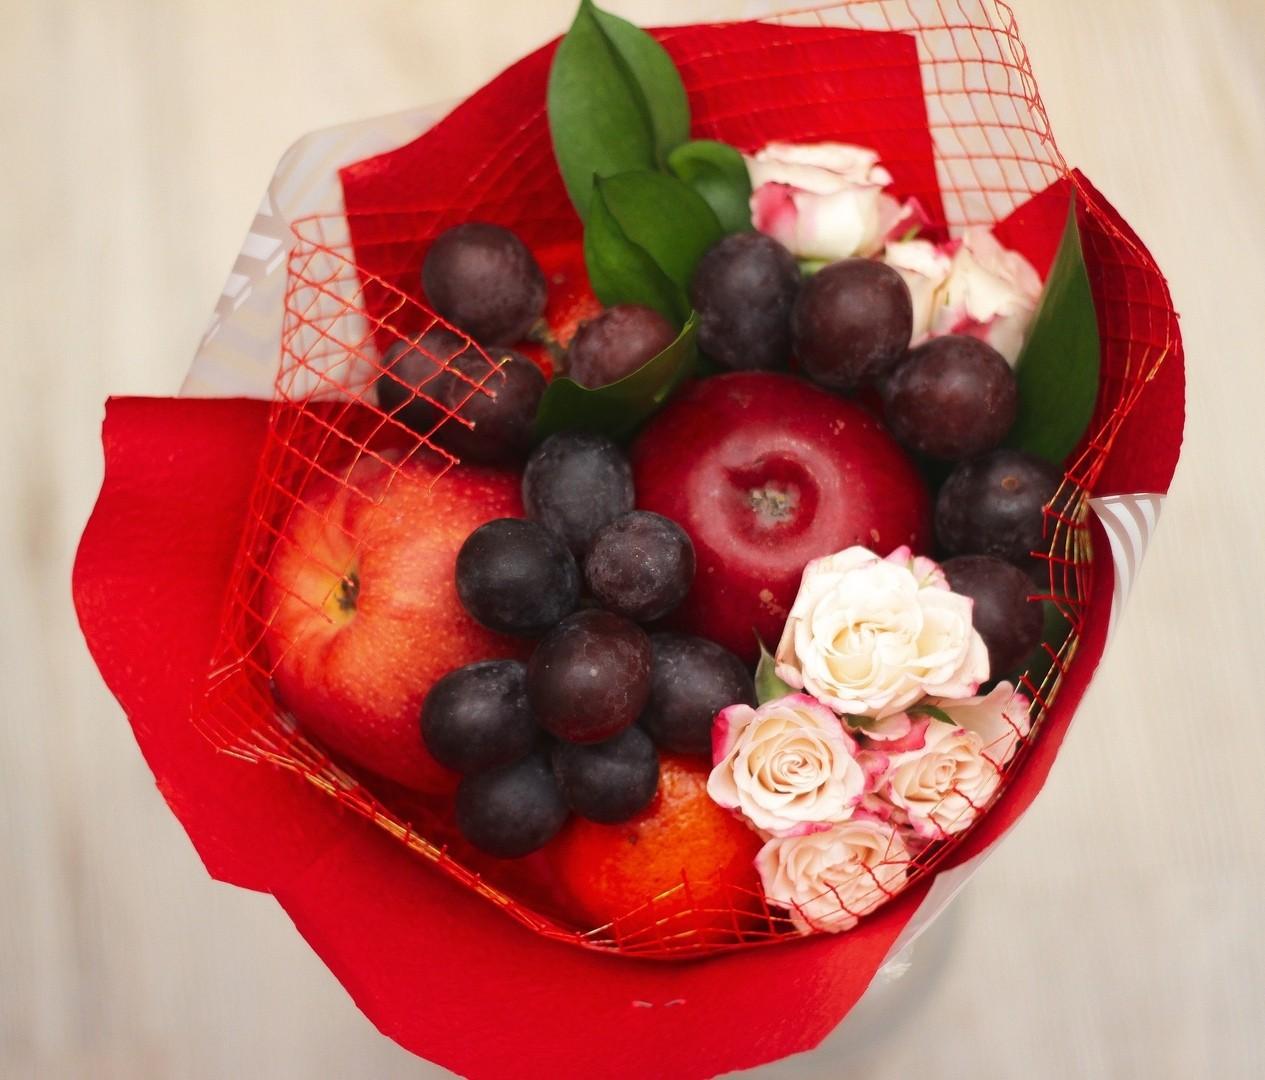 букетик с кустовыми розами и яблоком, доставка, Екатеринрбург, комплимент, маленький букетик, Небольшой фруктовый букетик, яблочный комплимент